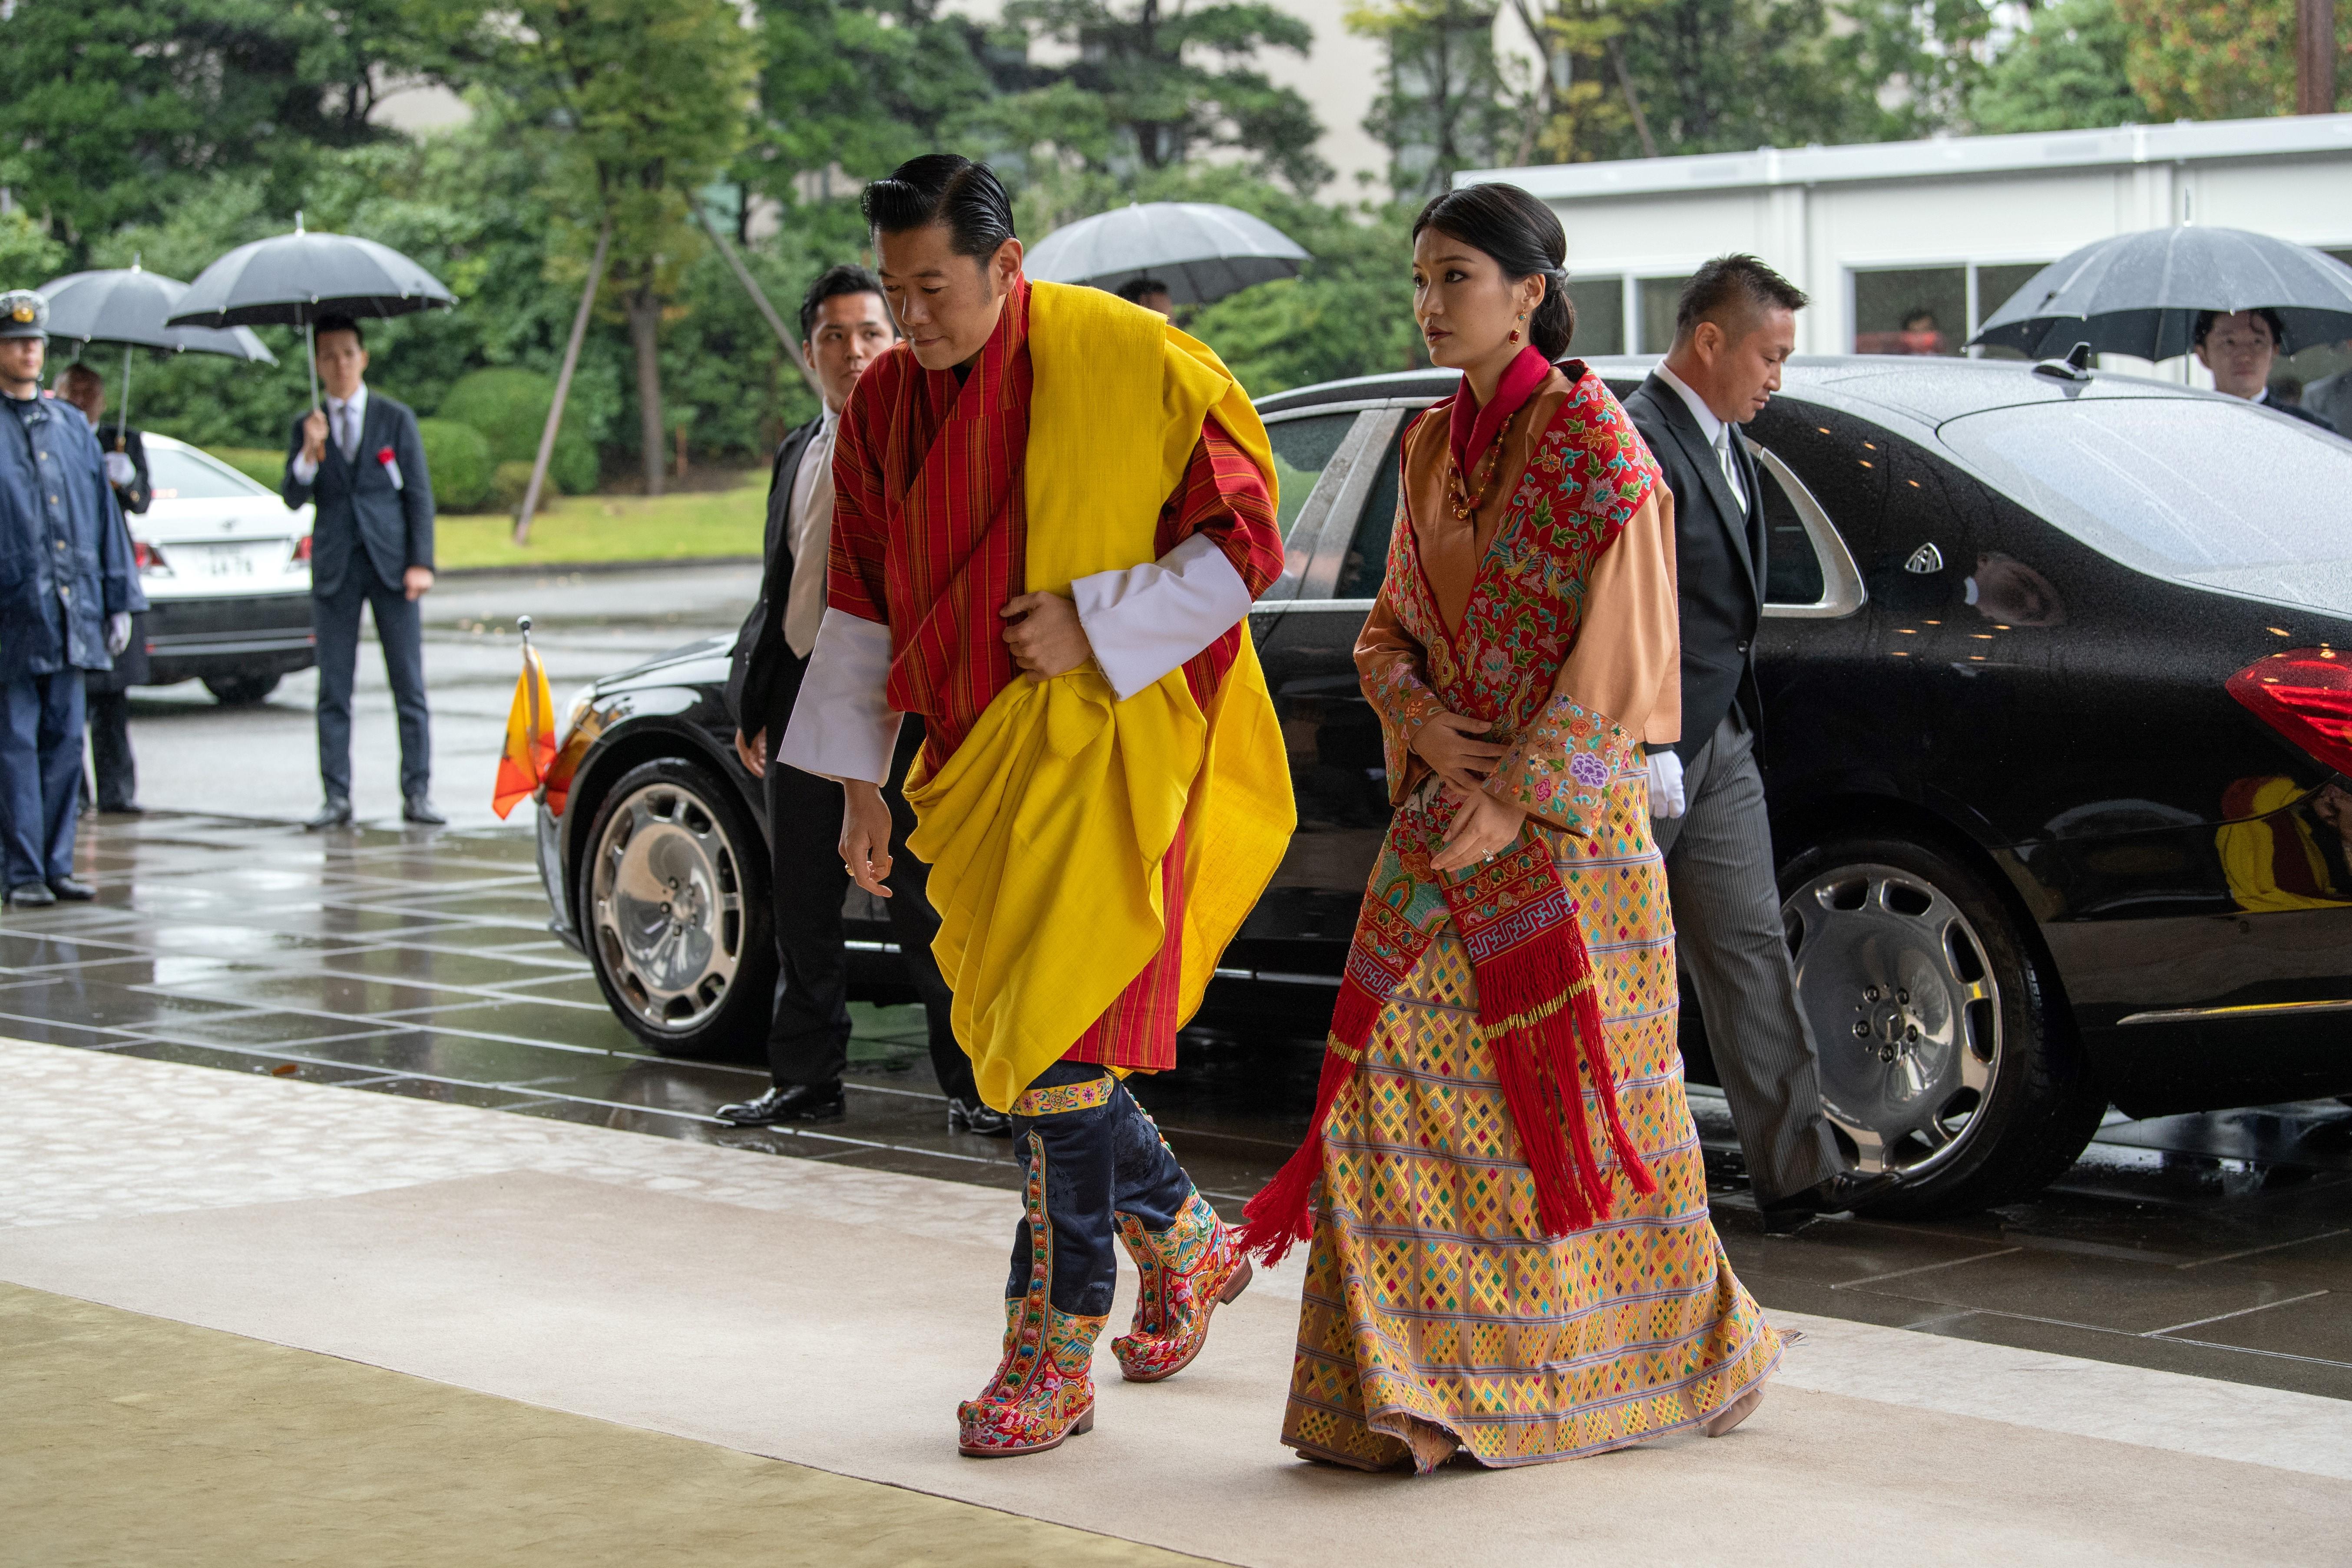 El rey de Bután, Jigme Khesar Namgyel Wangchuck y la reina Jetsun Pema llegan para asistir a la ceremonia de entronización del emperador japonés Naruhito en el Palacio Imperial (AFP)